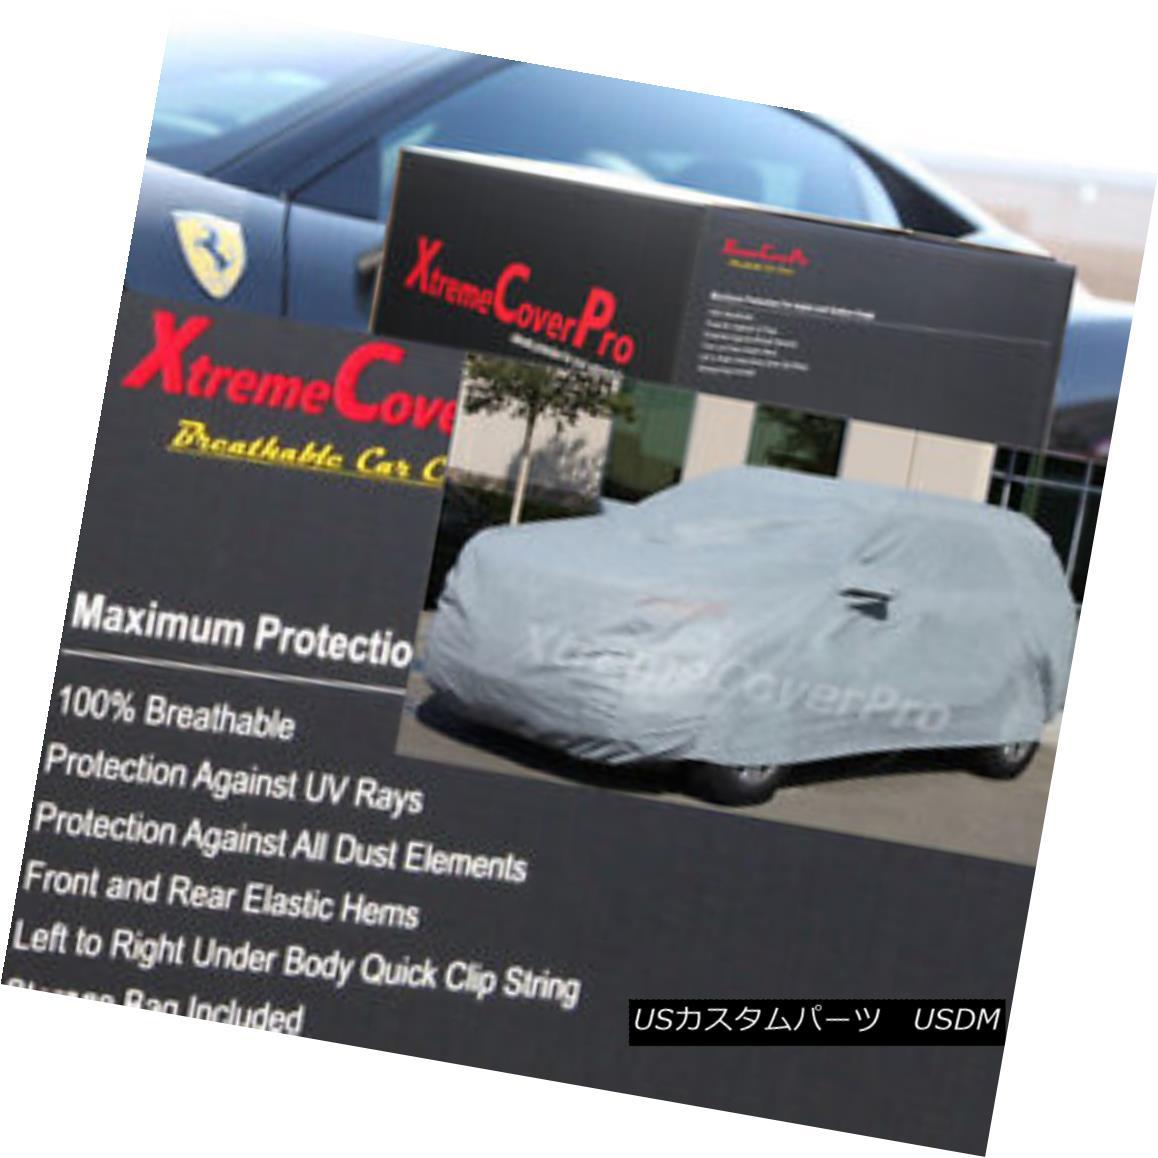 カーカバー 2010 2011 2012 Ford Expedition Breathable Car Cover w/MirrorPocket MirrorPocketを搭載した2010年の2011年のフォード・エクスペディション通気性車カバー